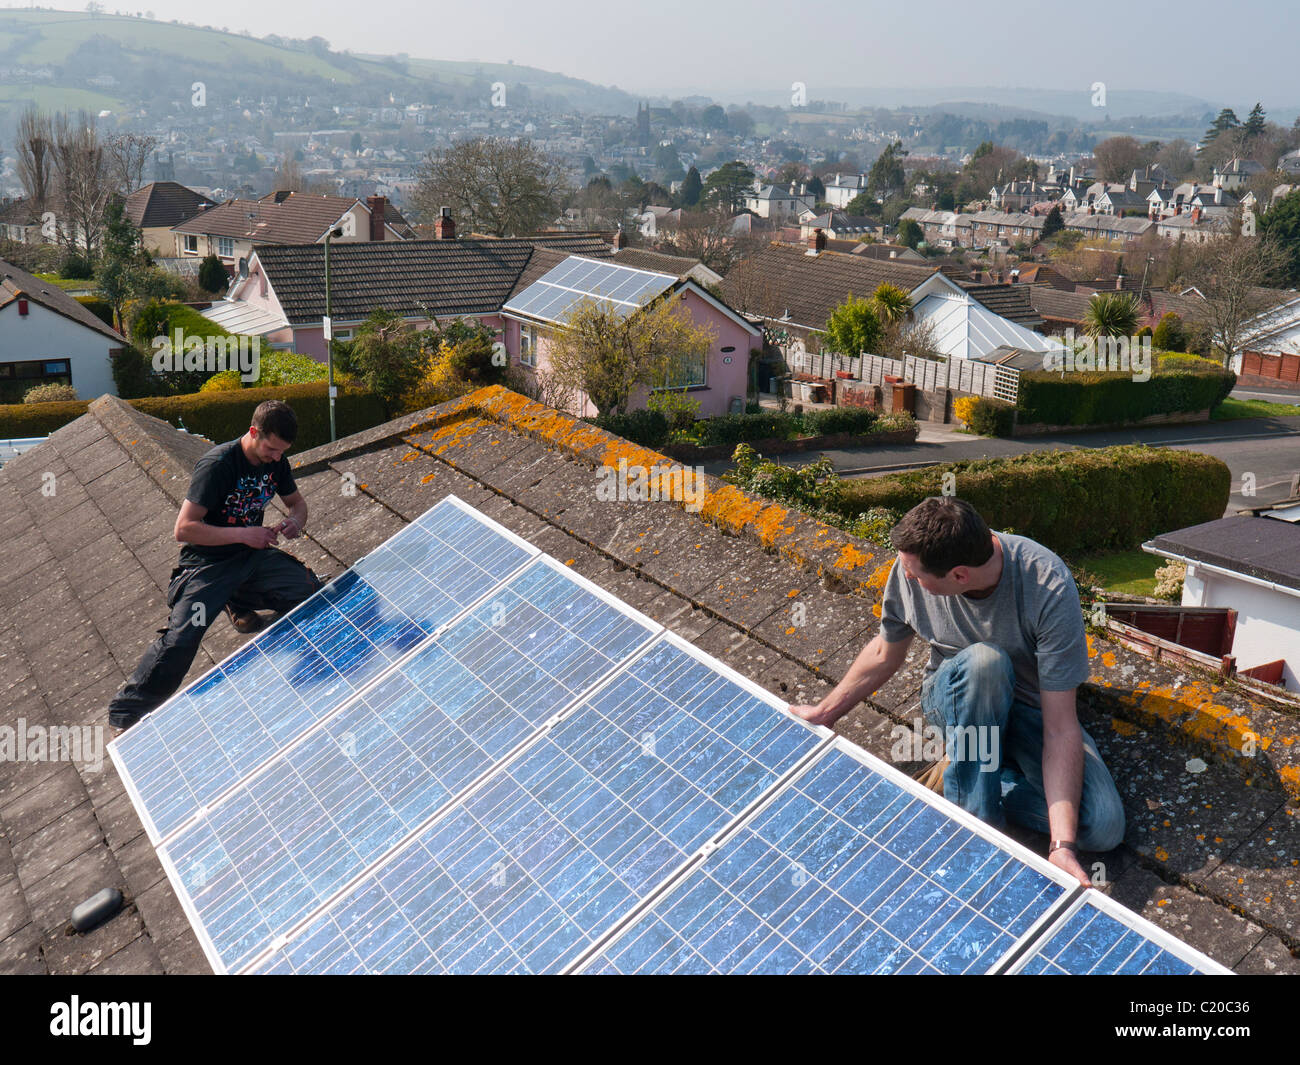 Los paneles solares fotovoltaicos, está equipado con un techo en Totnes Devon UK Imagen De Stock